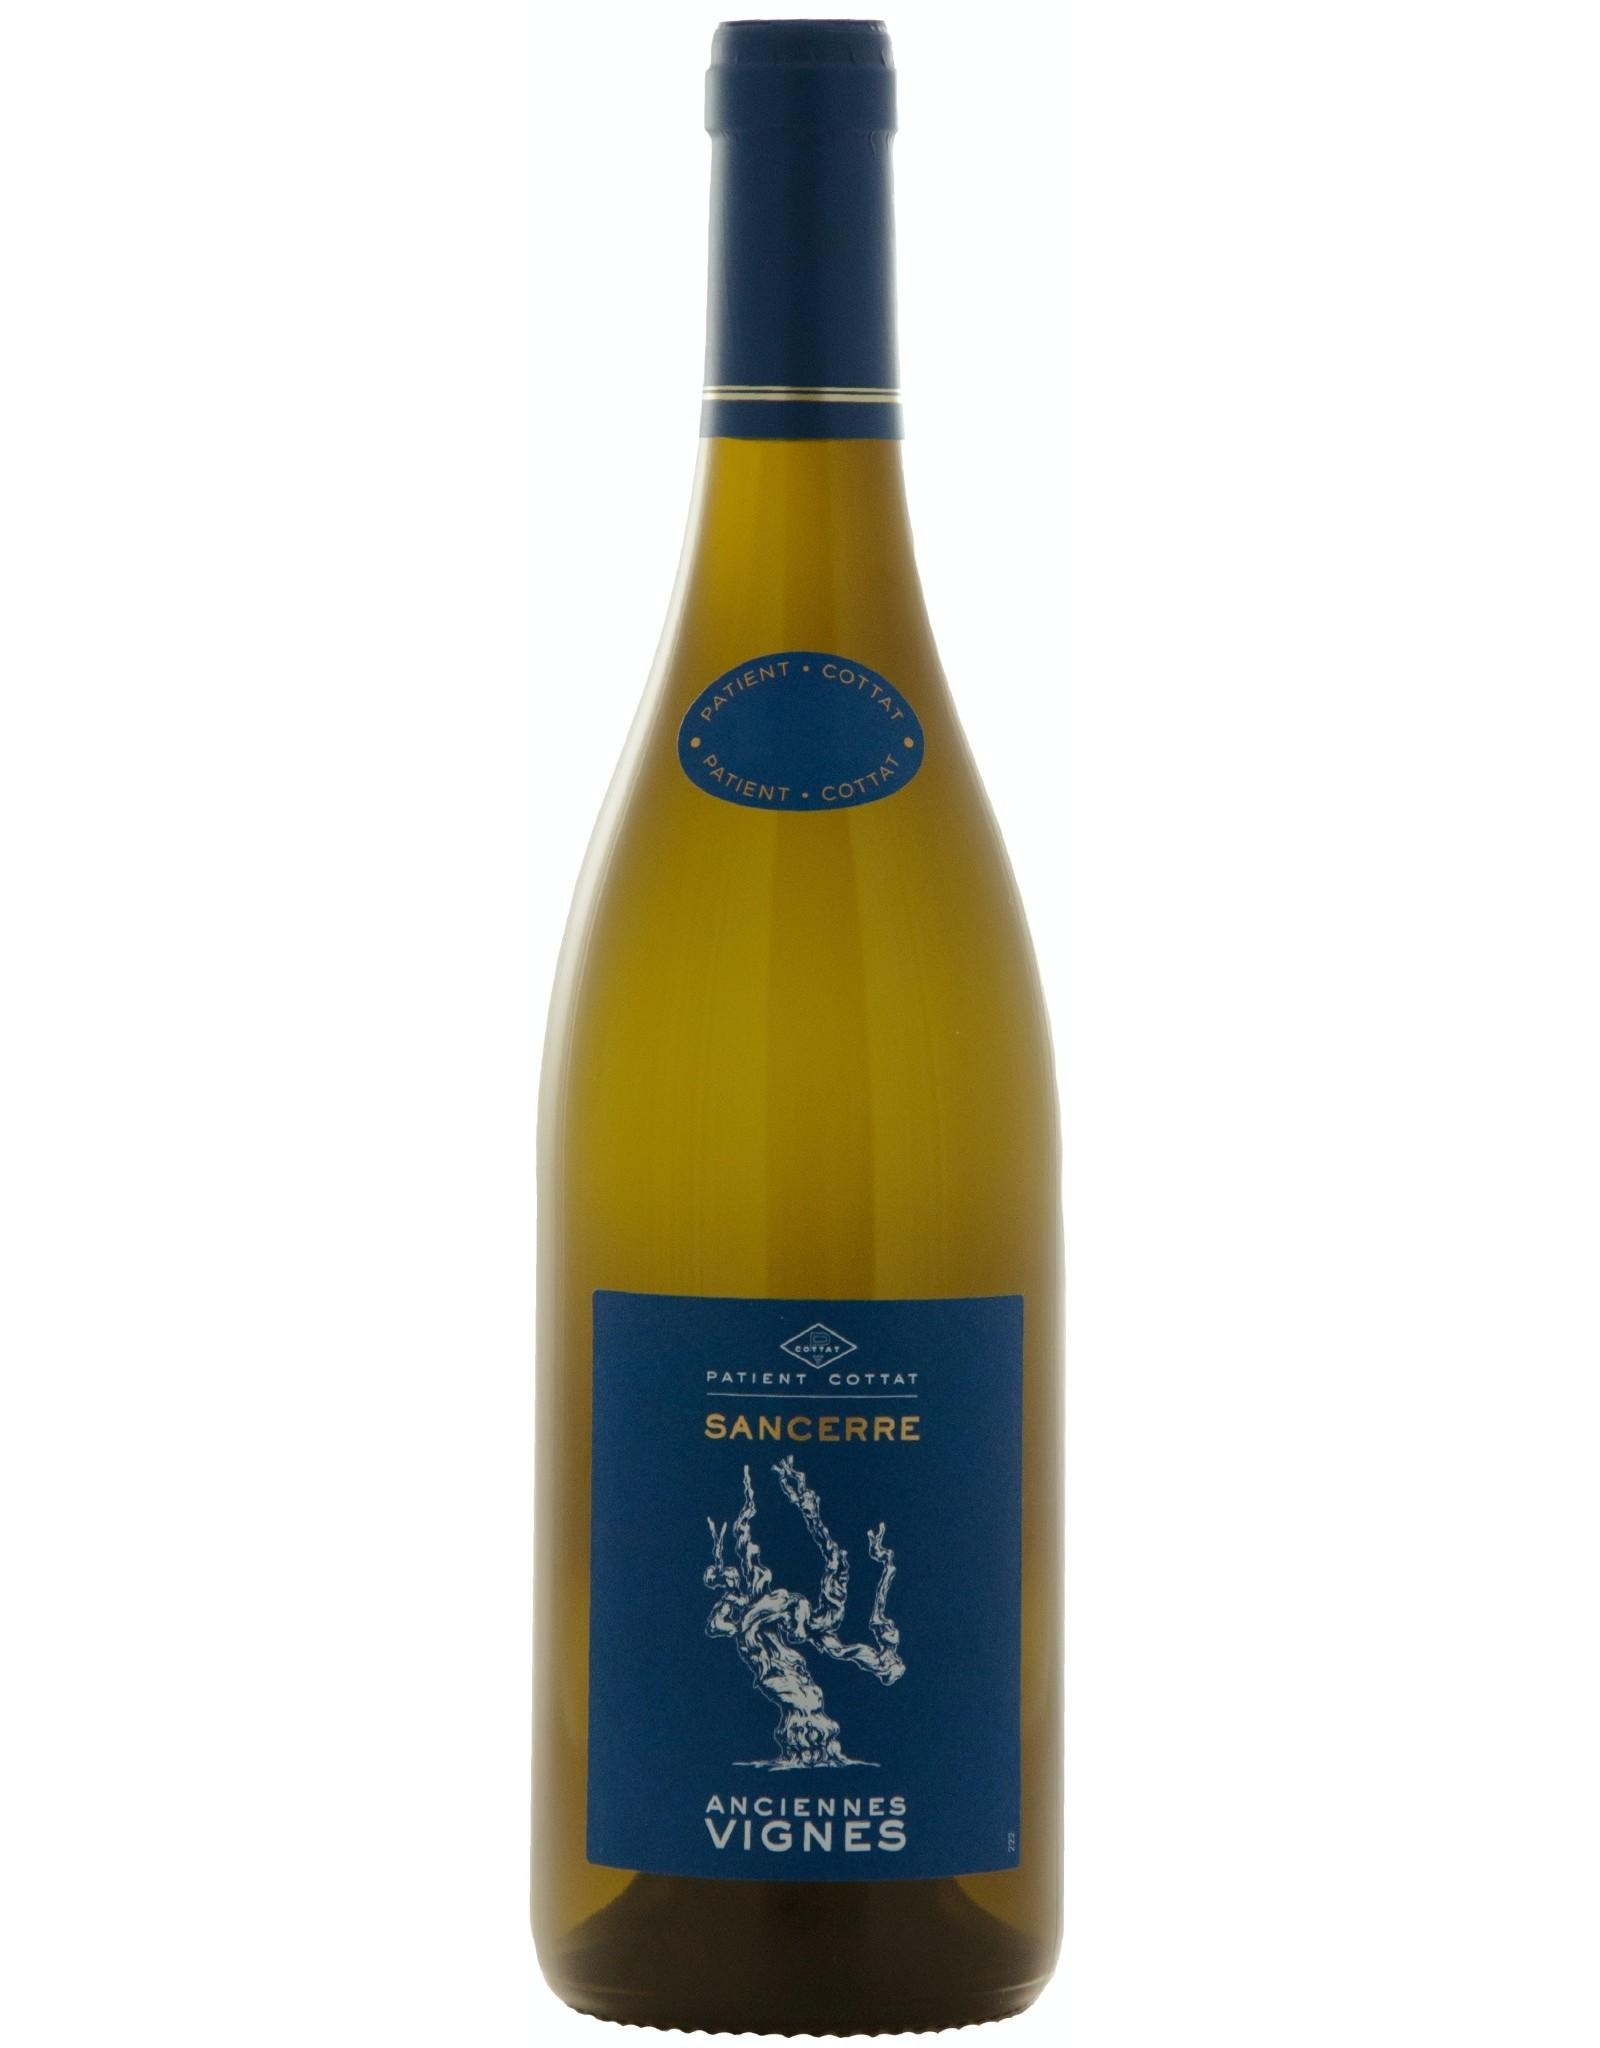 Patient Cottat Sancerre Ancient Vines 2019